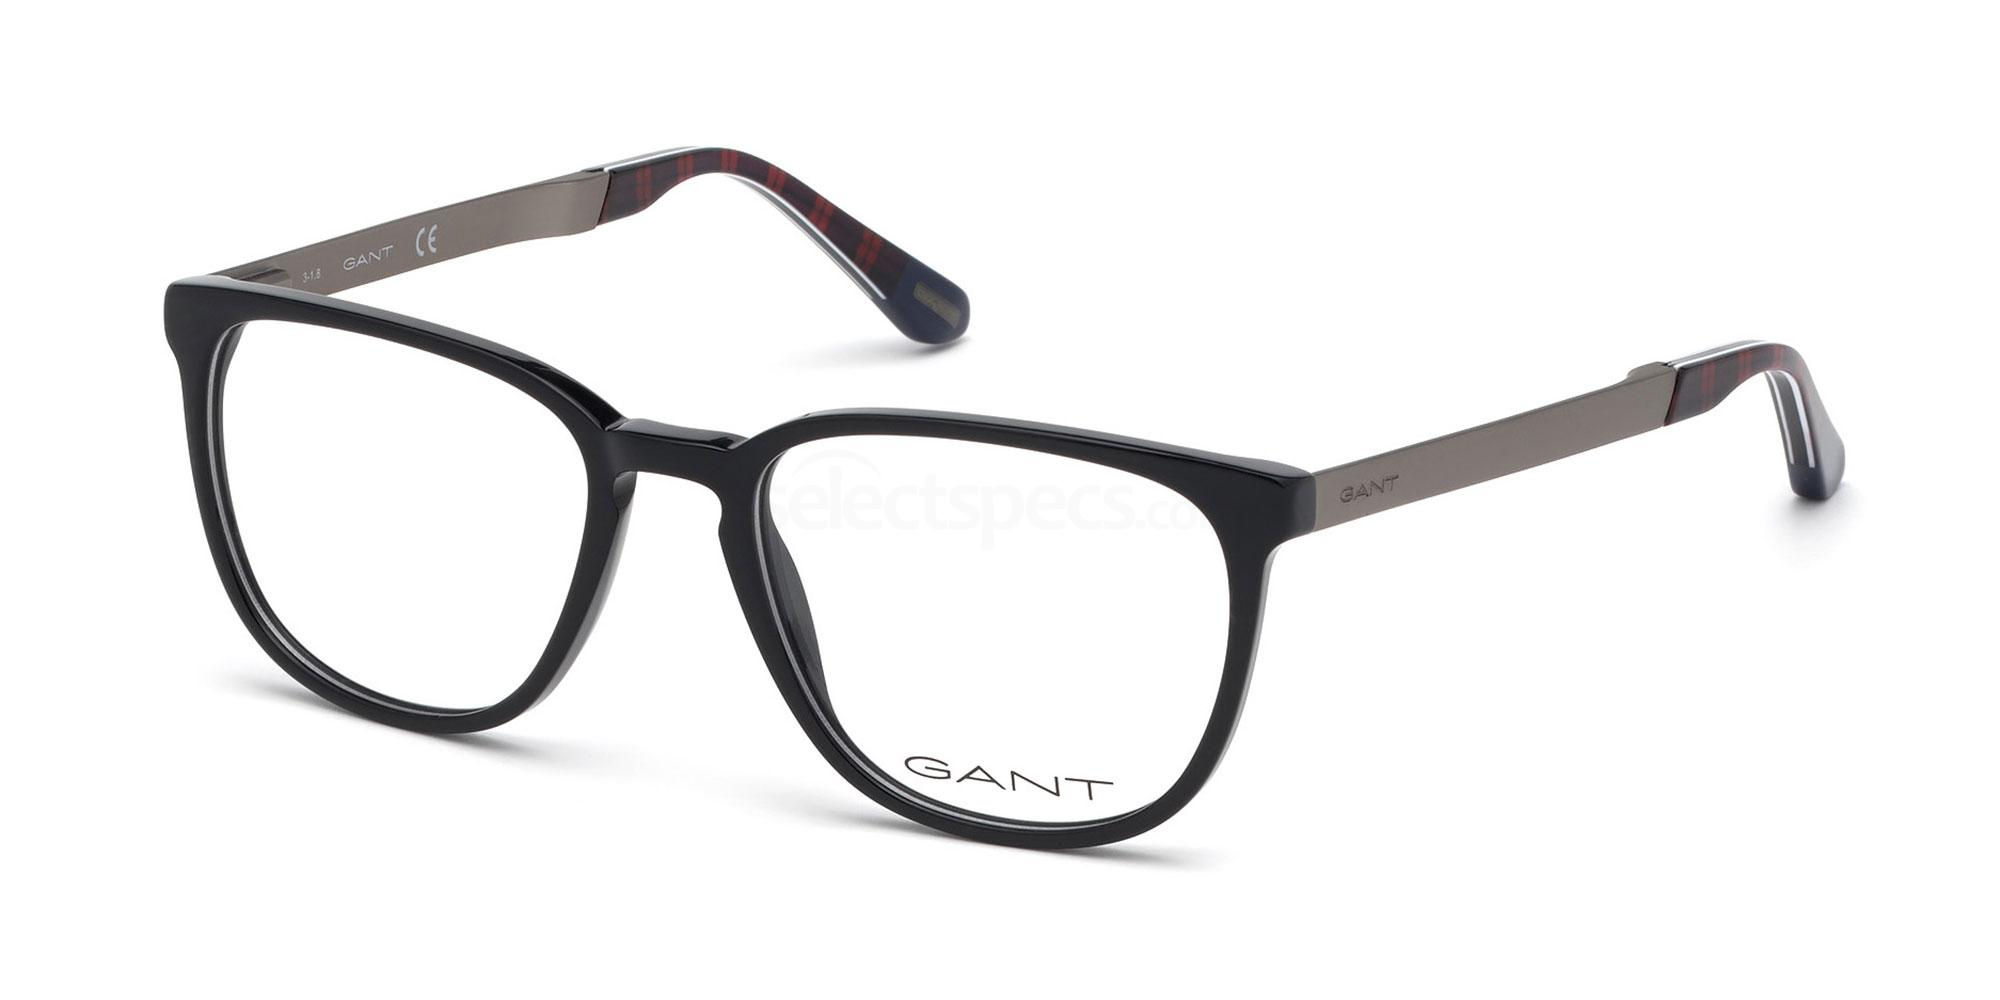 001 GA3180 Glasses, Gant